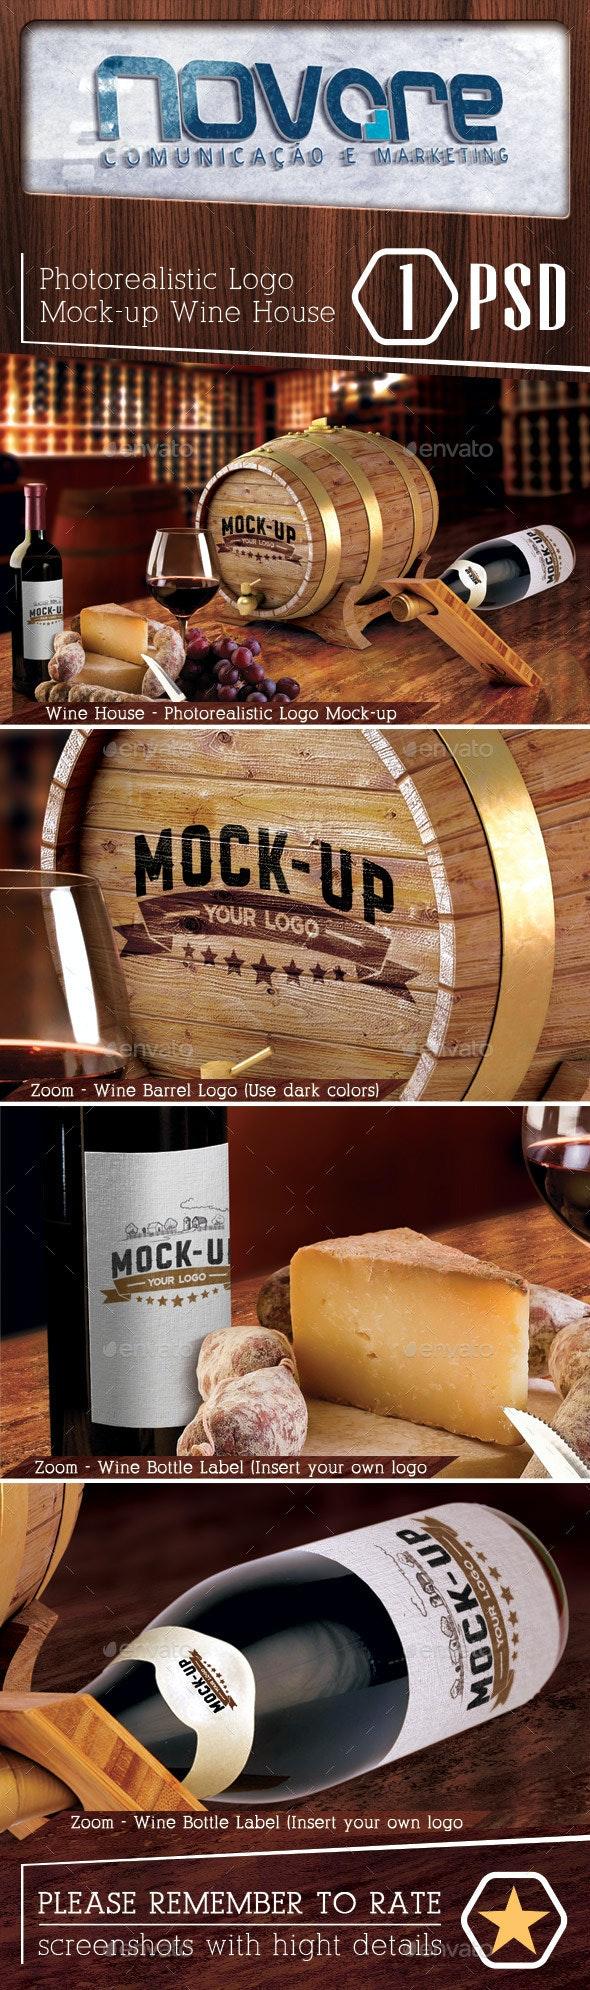 Photorealistic Wine House Logo Mock-up - Print Product Mock-Ups